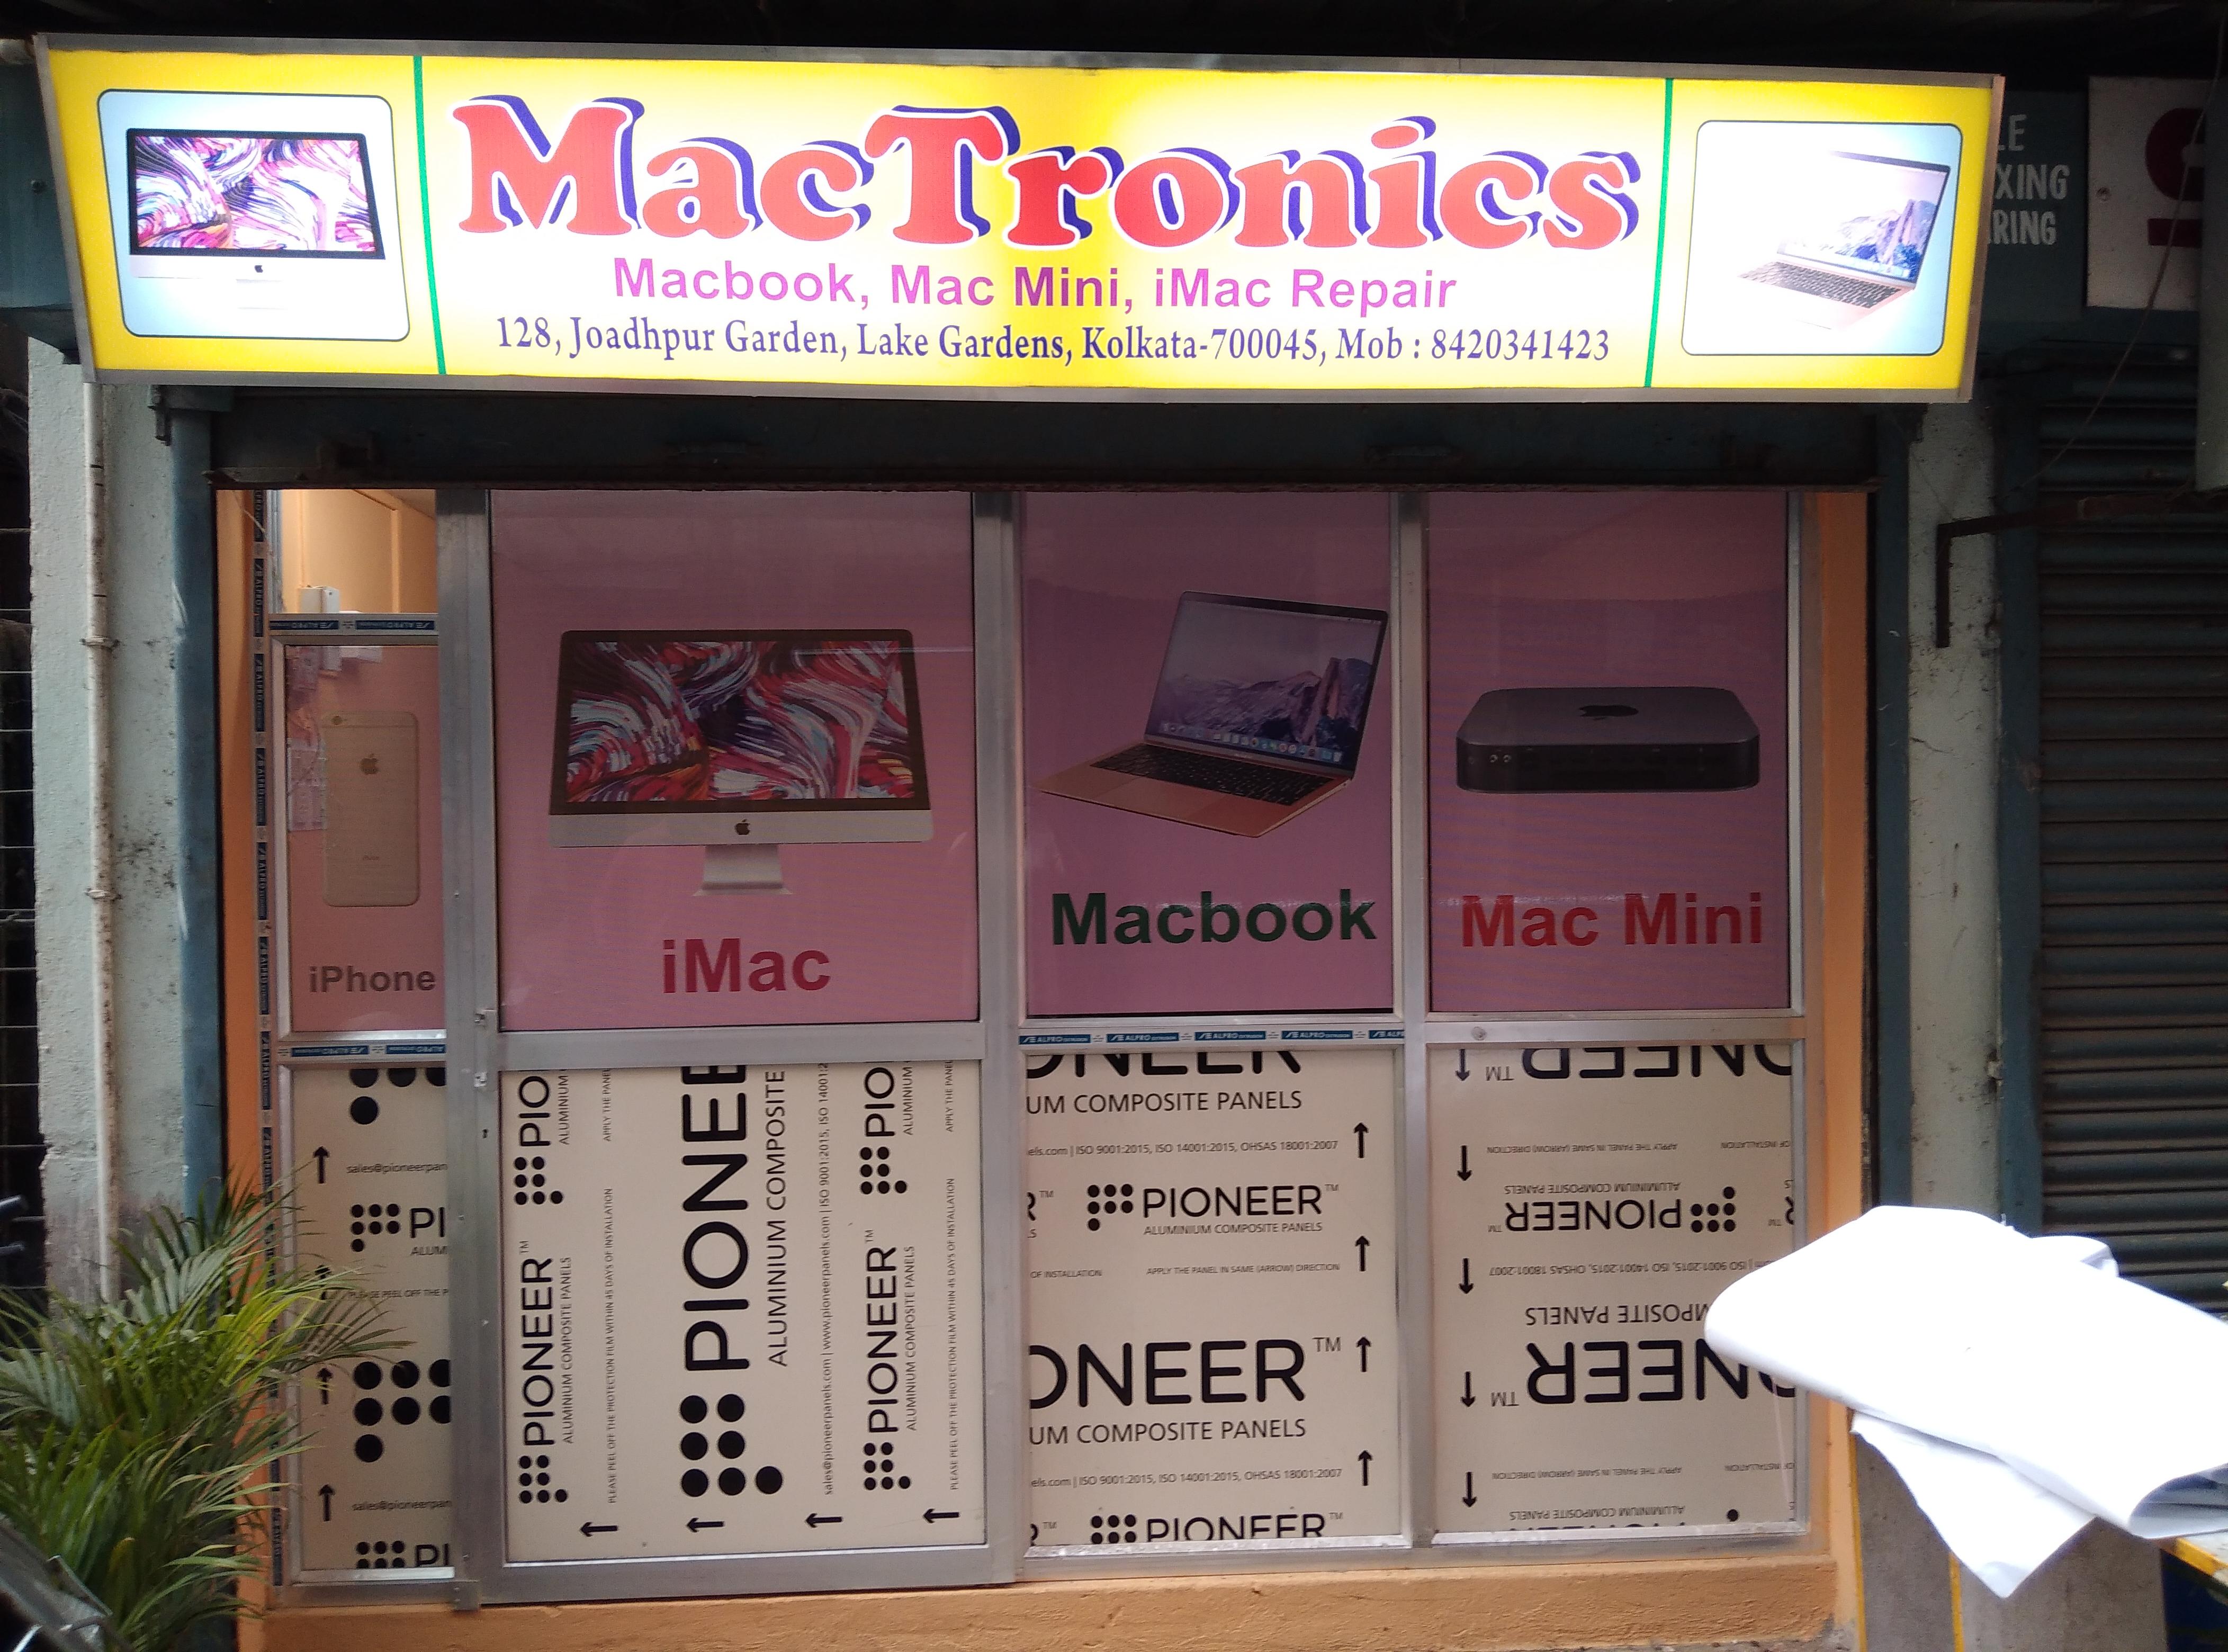 MacTronics